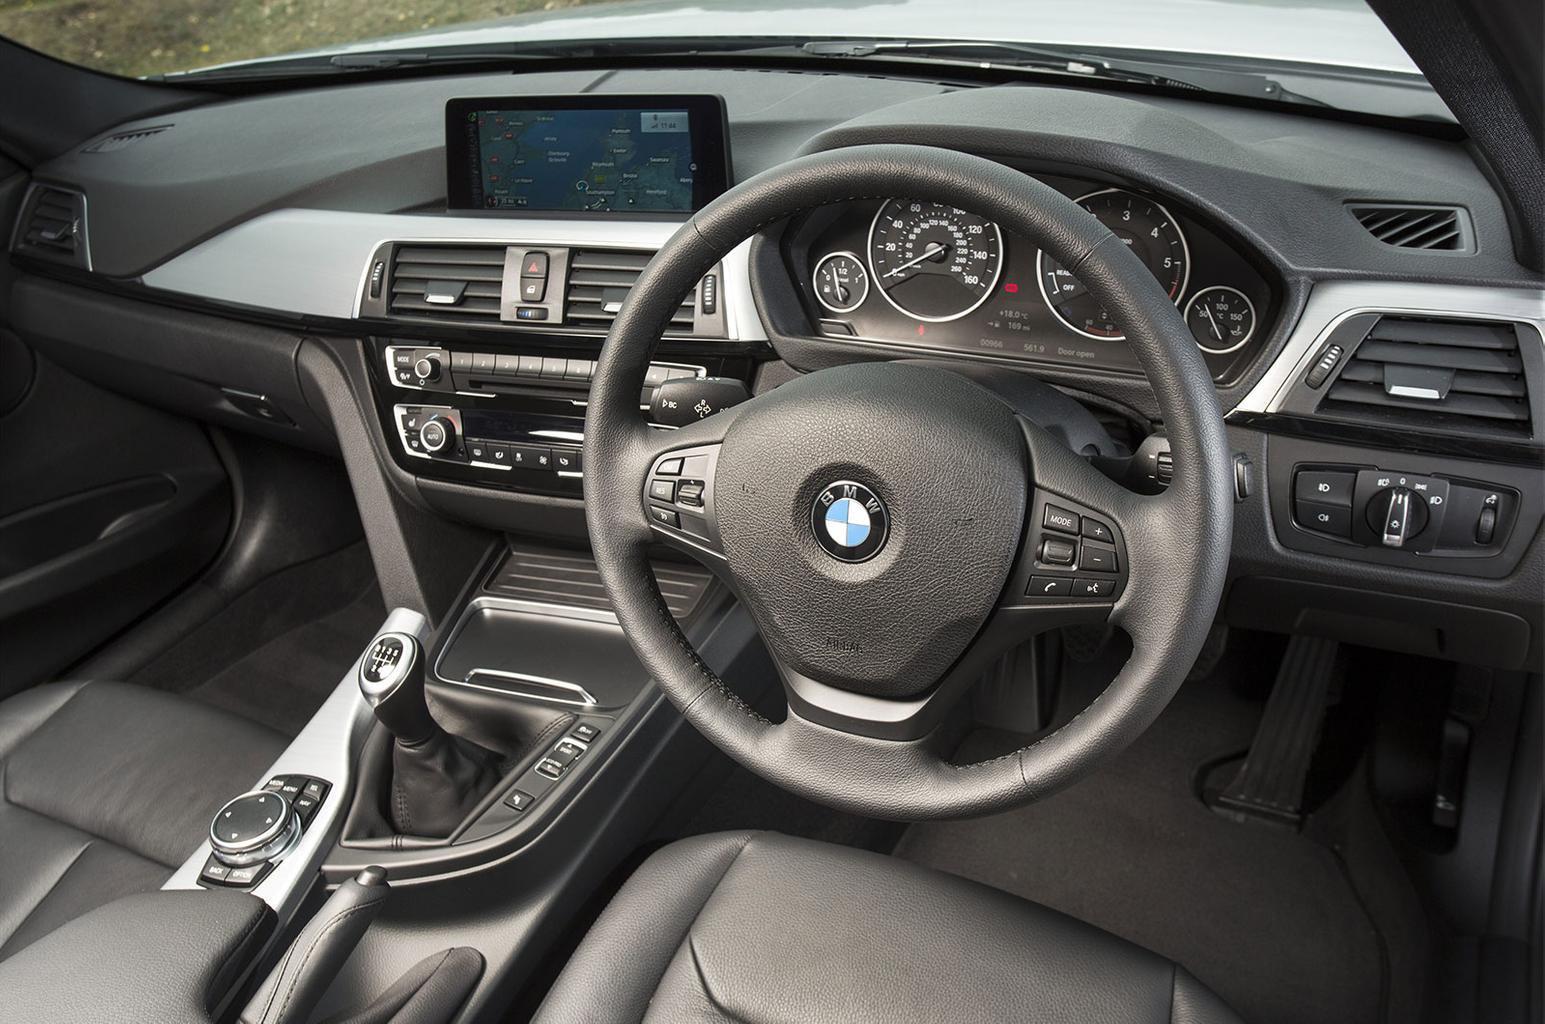 BMW 3 Series diesel interior